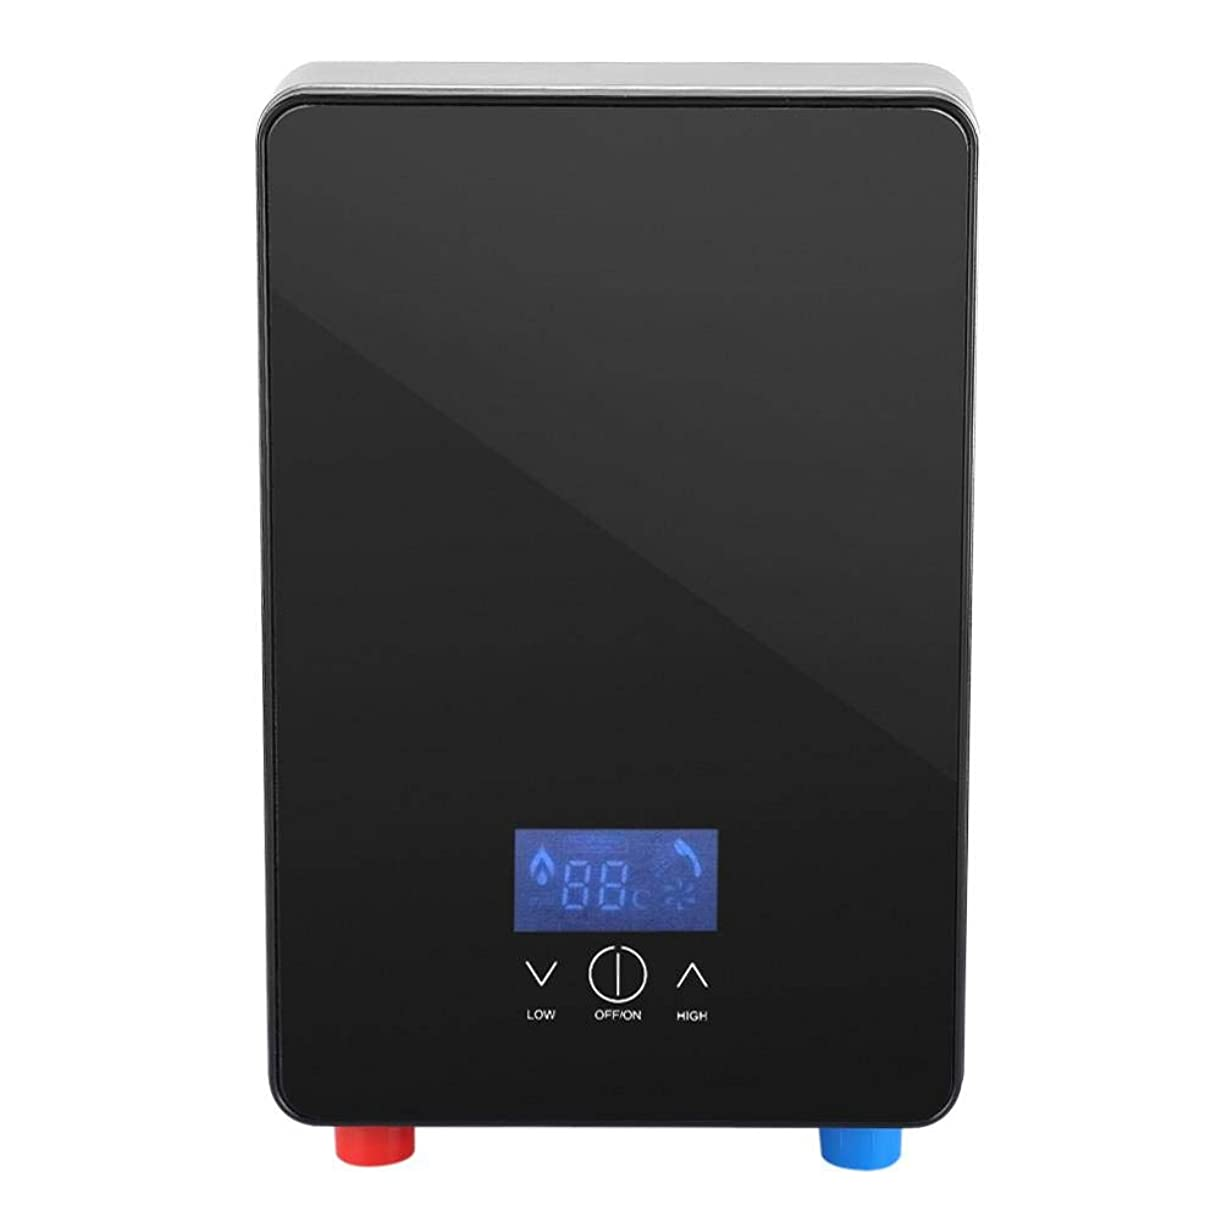 食欲びんスティックインスタント湯沸かし器、LED温度表示タンクレス家庭用自動電源オフ機能付きタンクレスインスタント電気温水器、バスルームシャワー